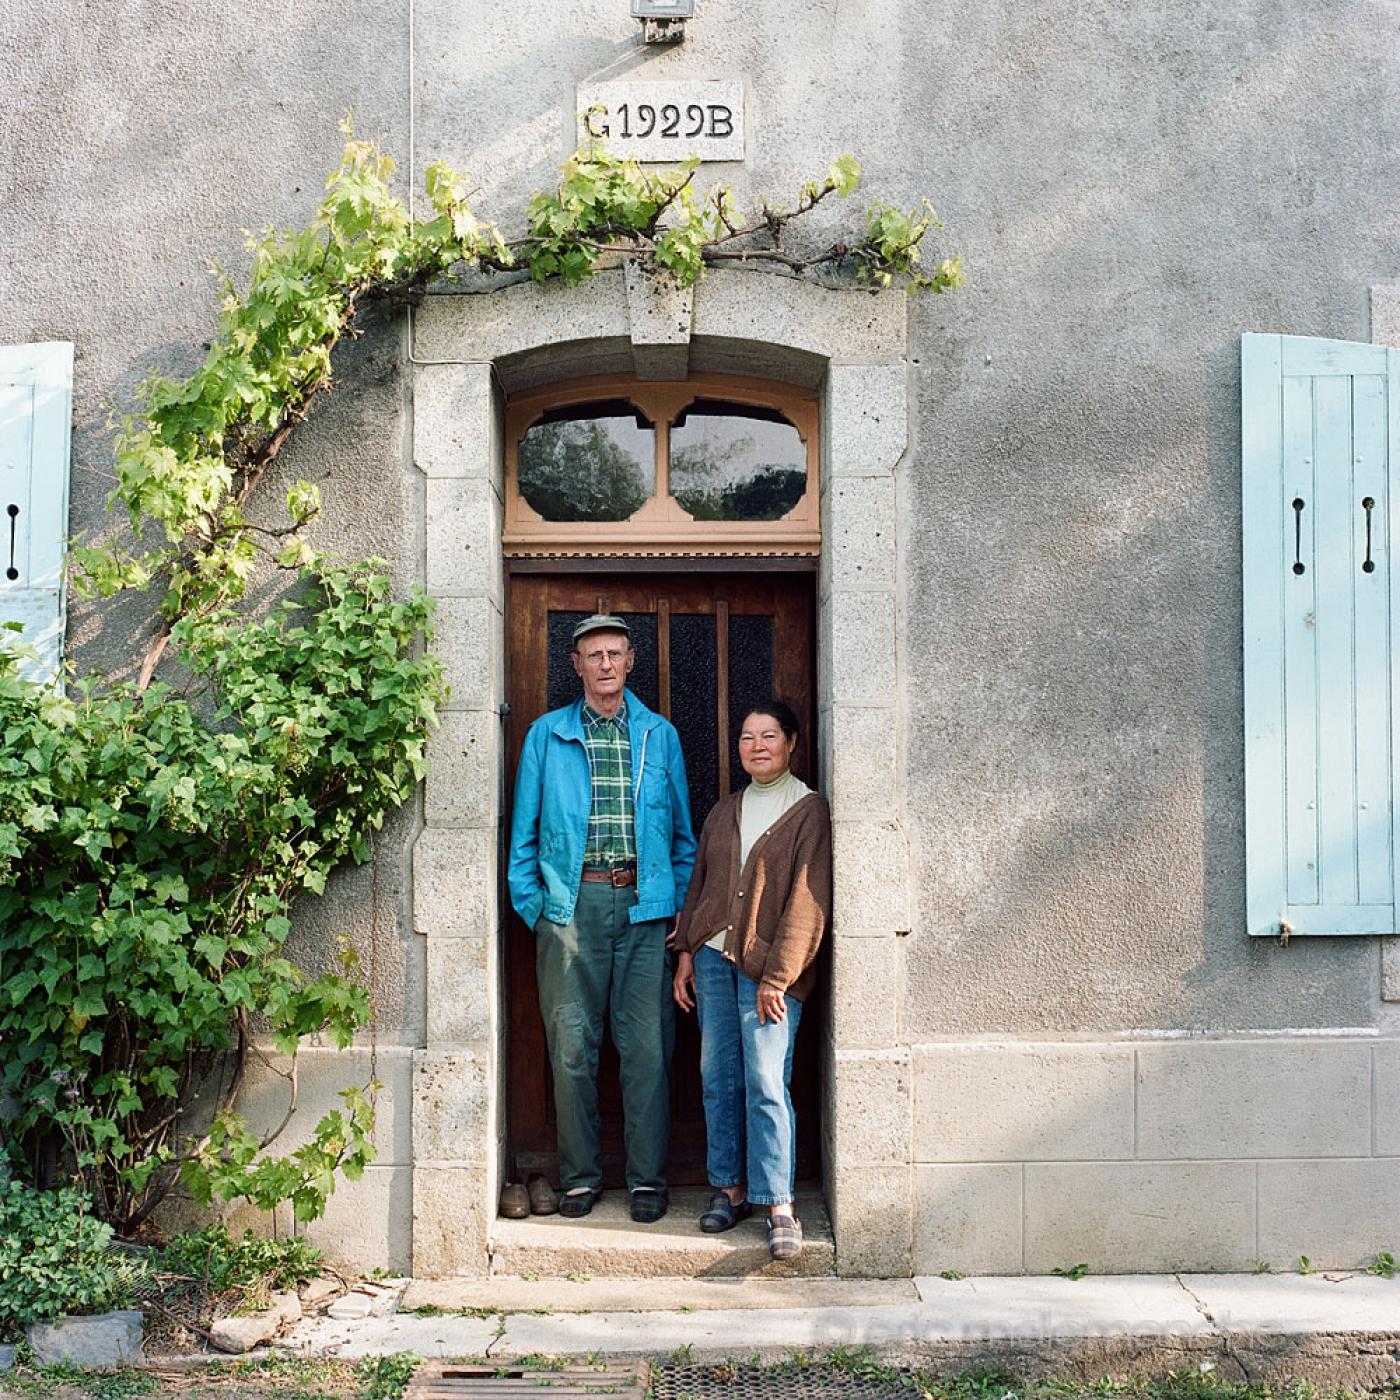 https://www.ericmalemanche.com/imagess/topics/les-bretons-de-l-argoat/liste/bretons-des-monts-d-arree.jpg